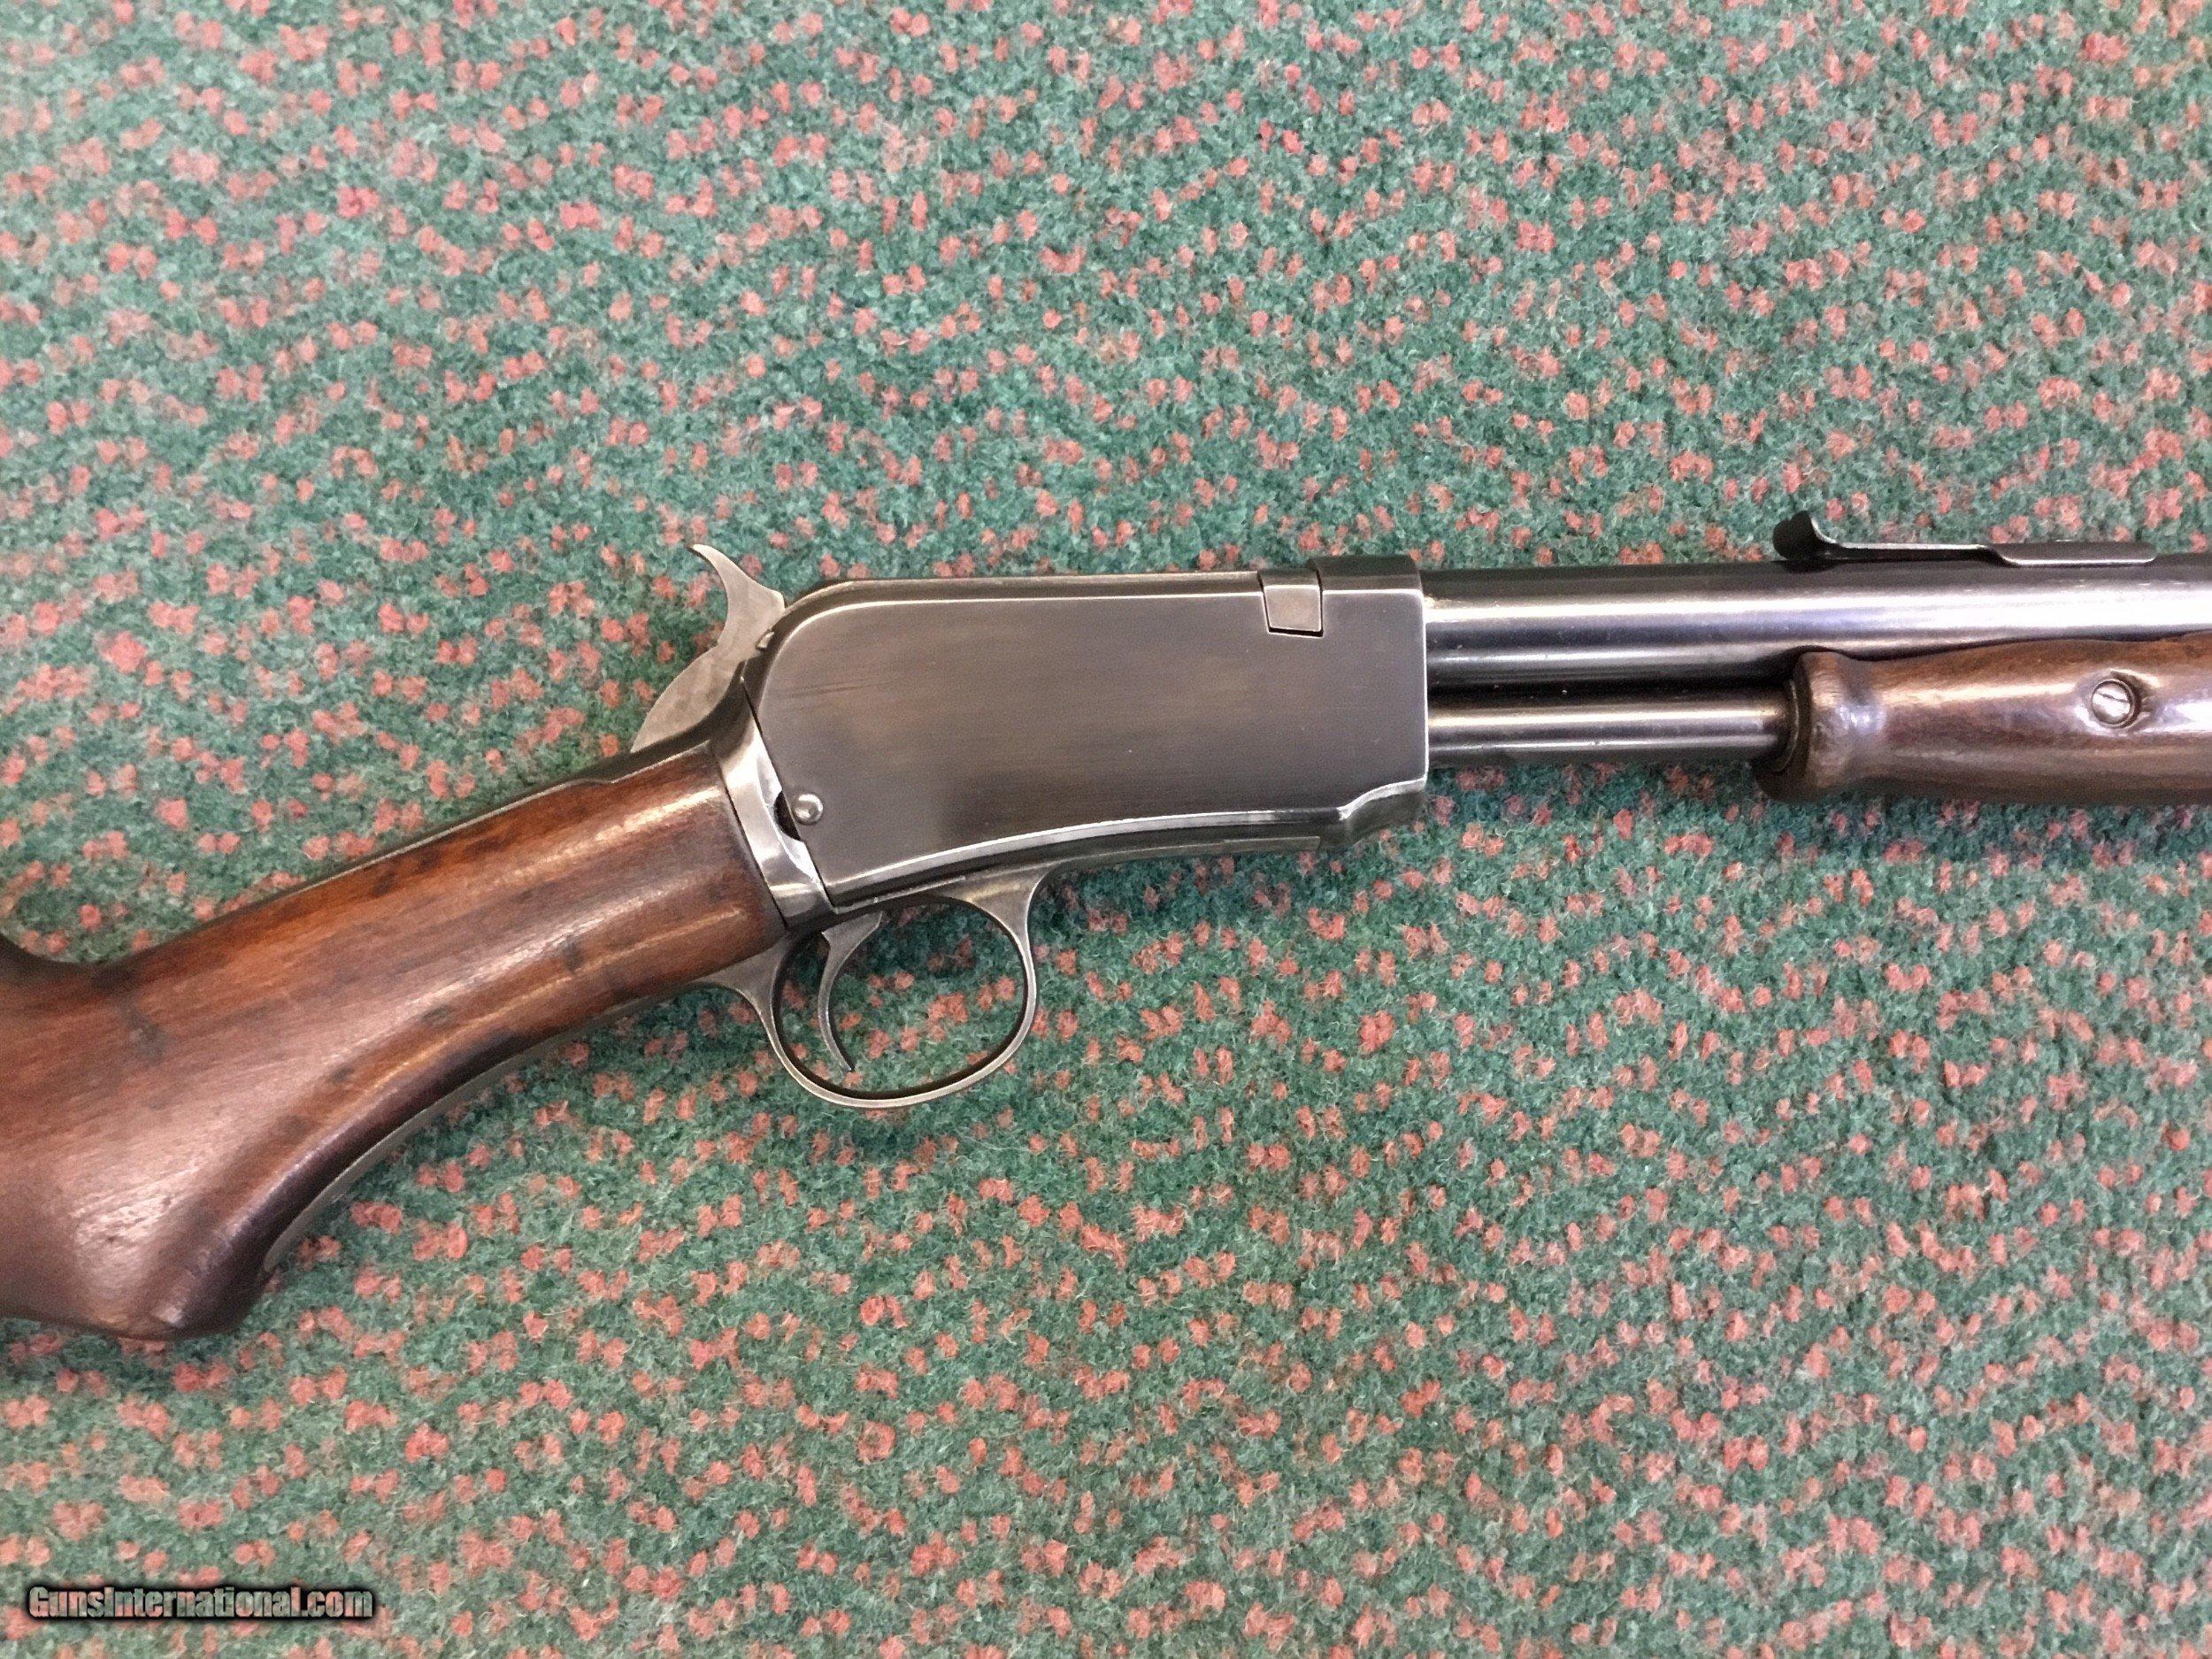 Winchester, model 1906 expert, 22 short, long, long rifle